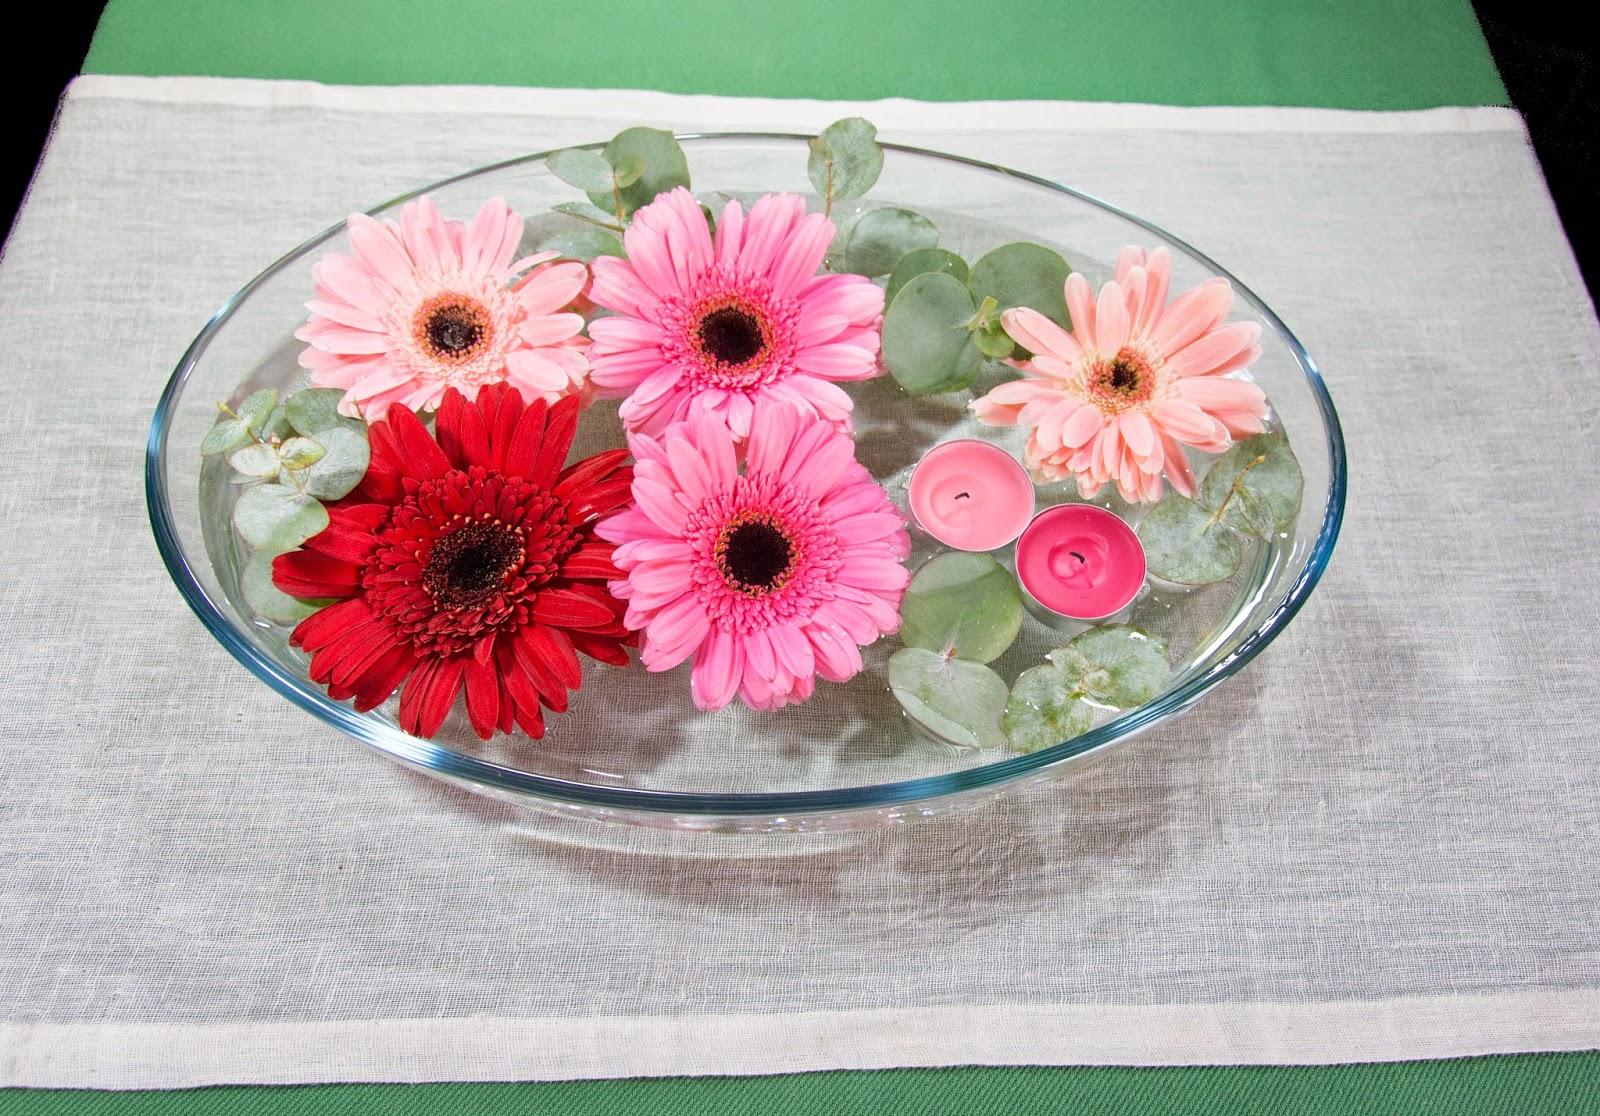 Imagenes de centros de mesa con flores naturales - Como hacer ambientadores naturales ...